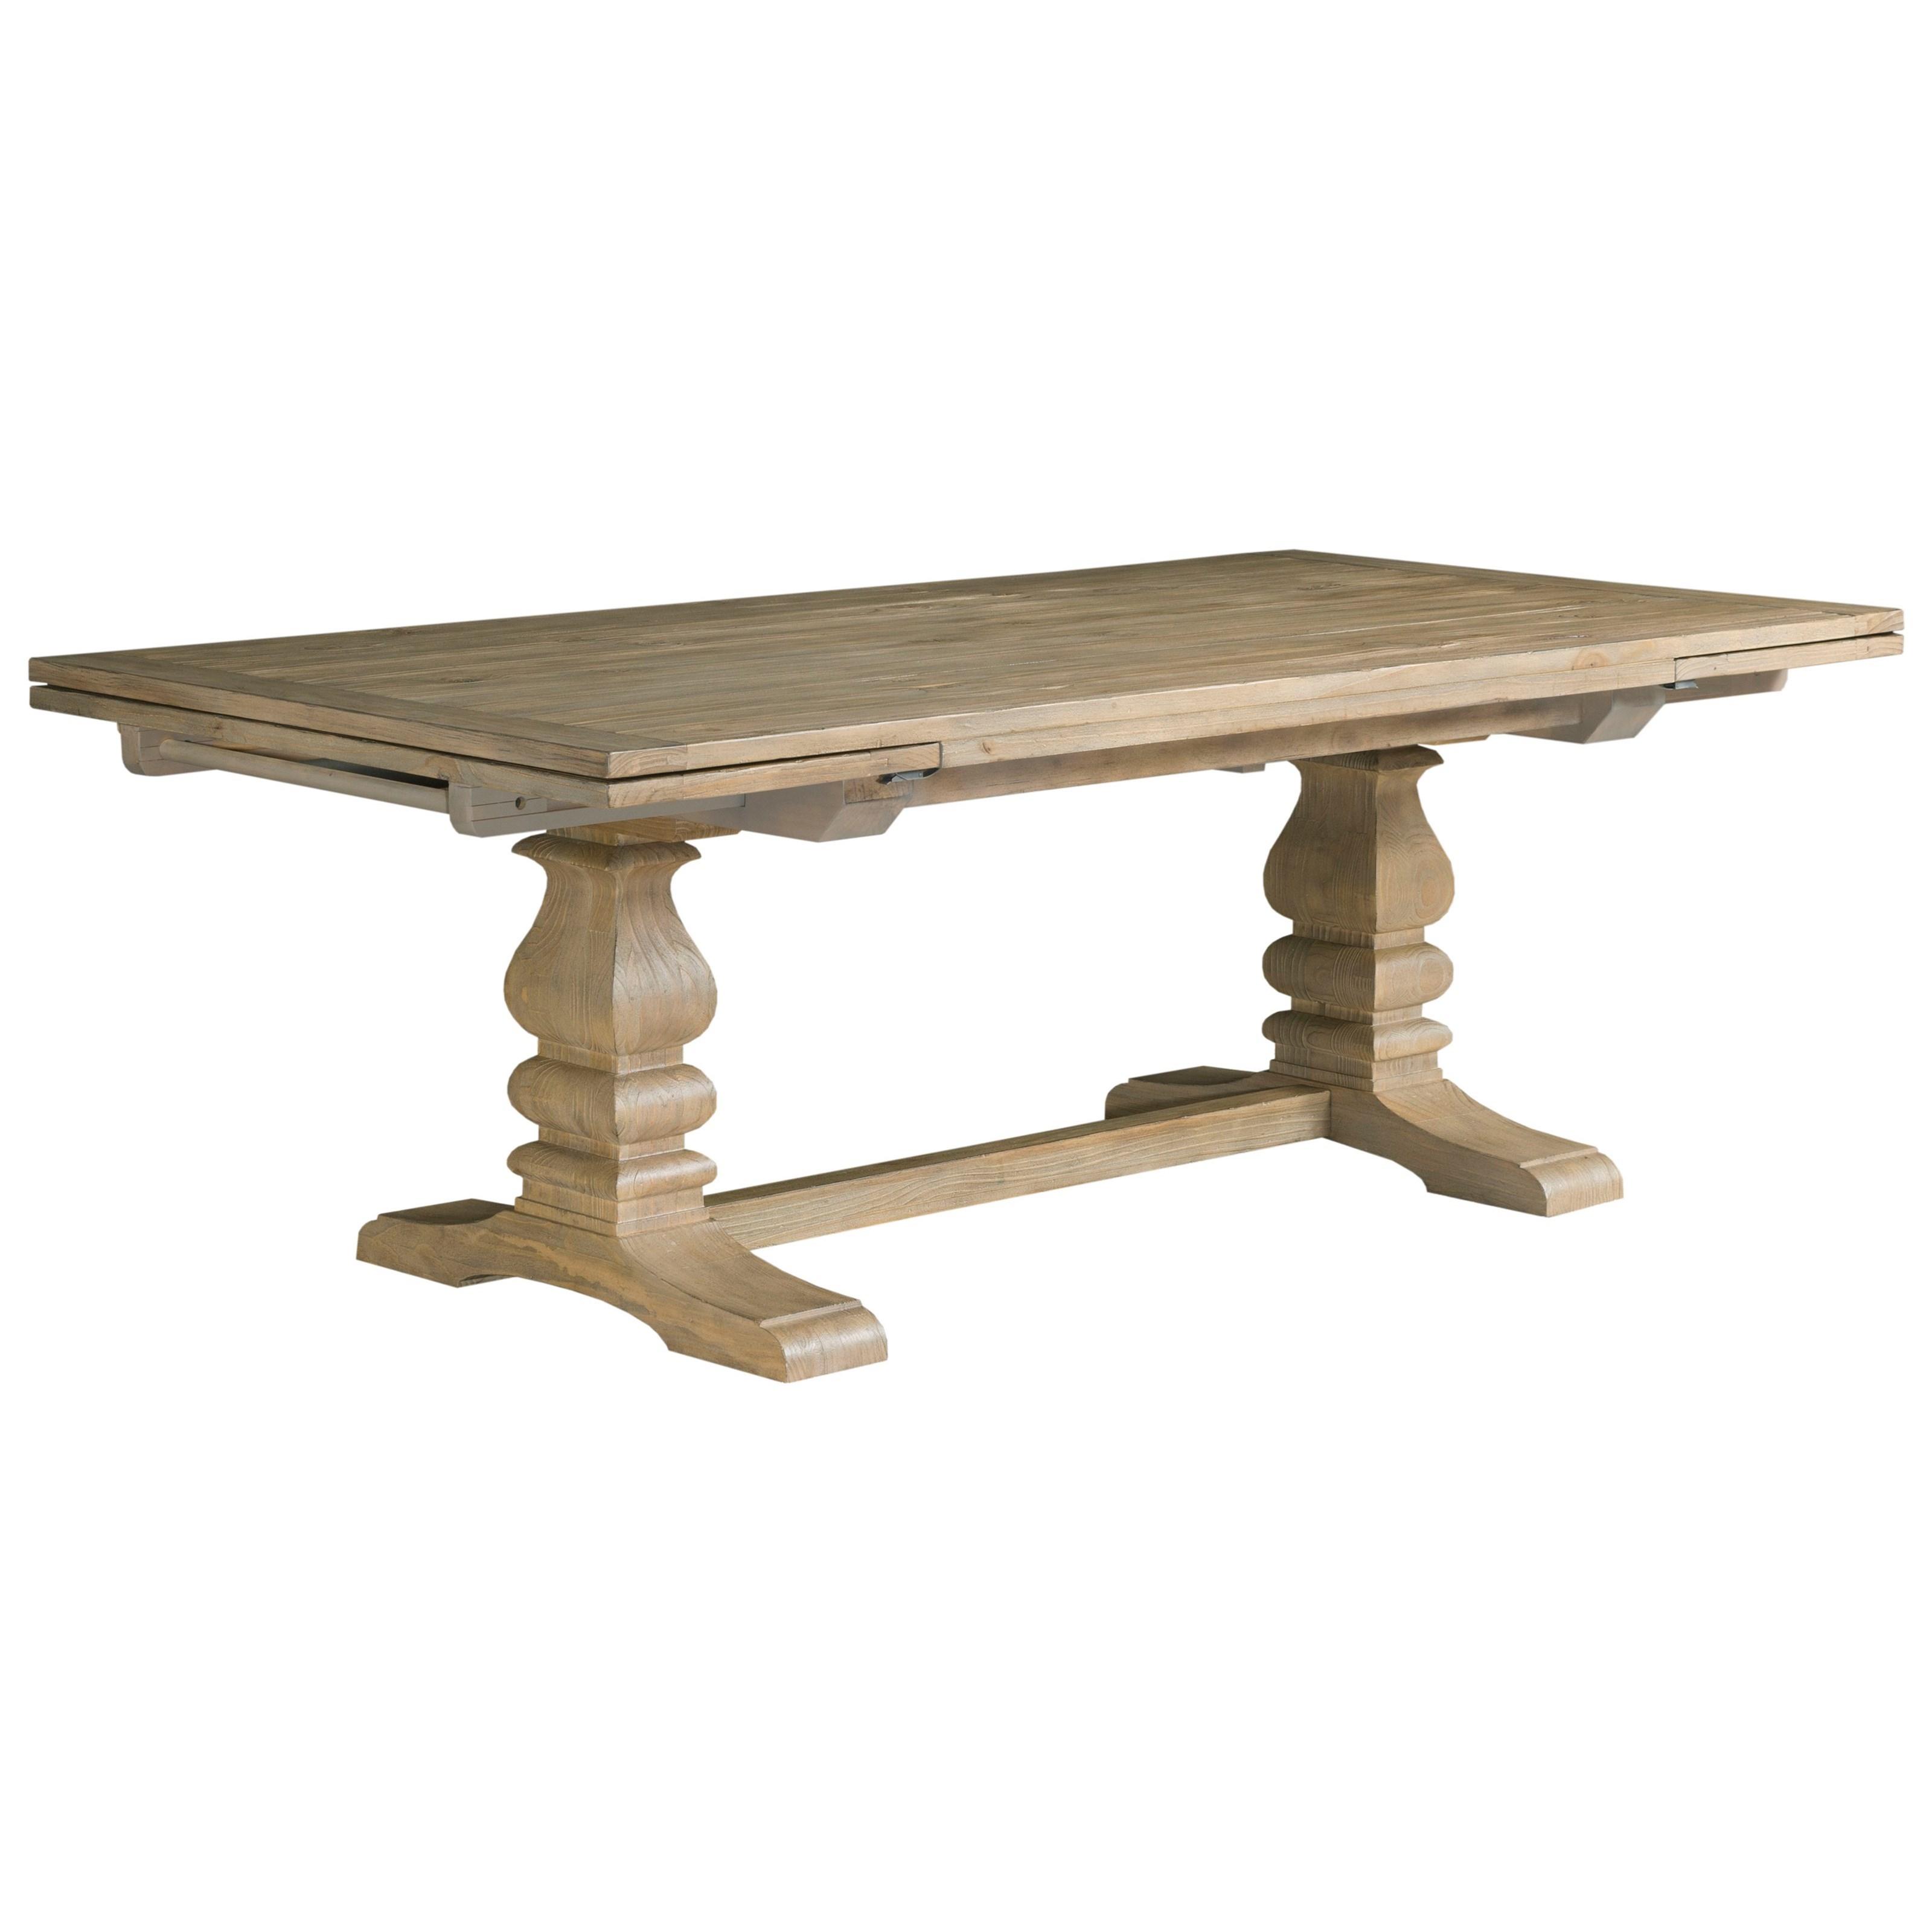 Adler Trestle Table